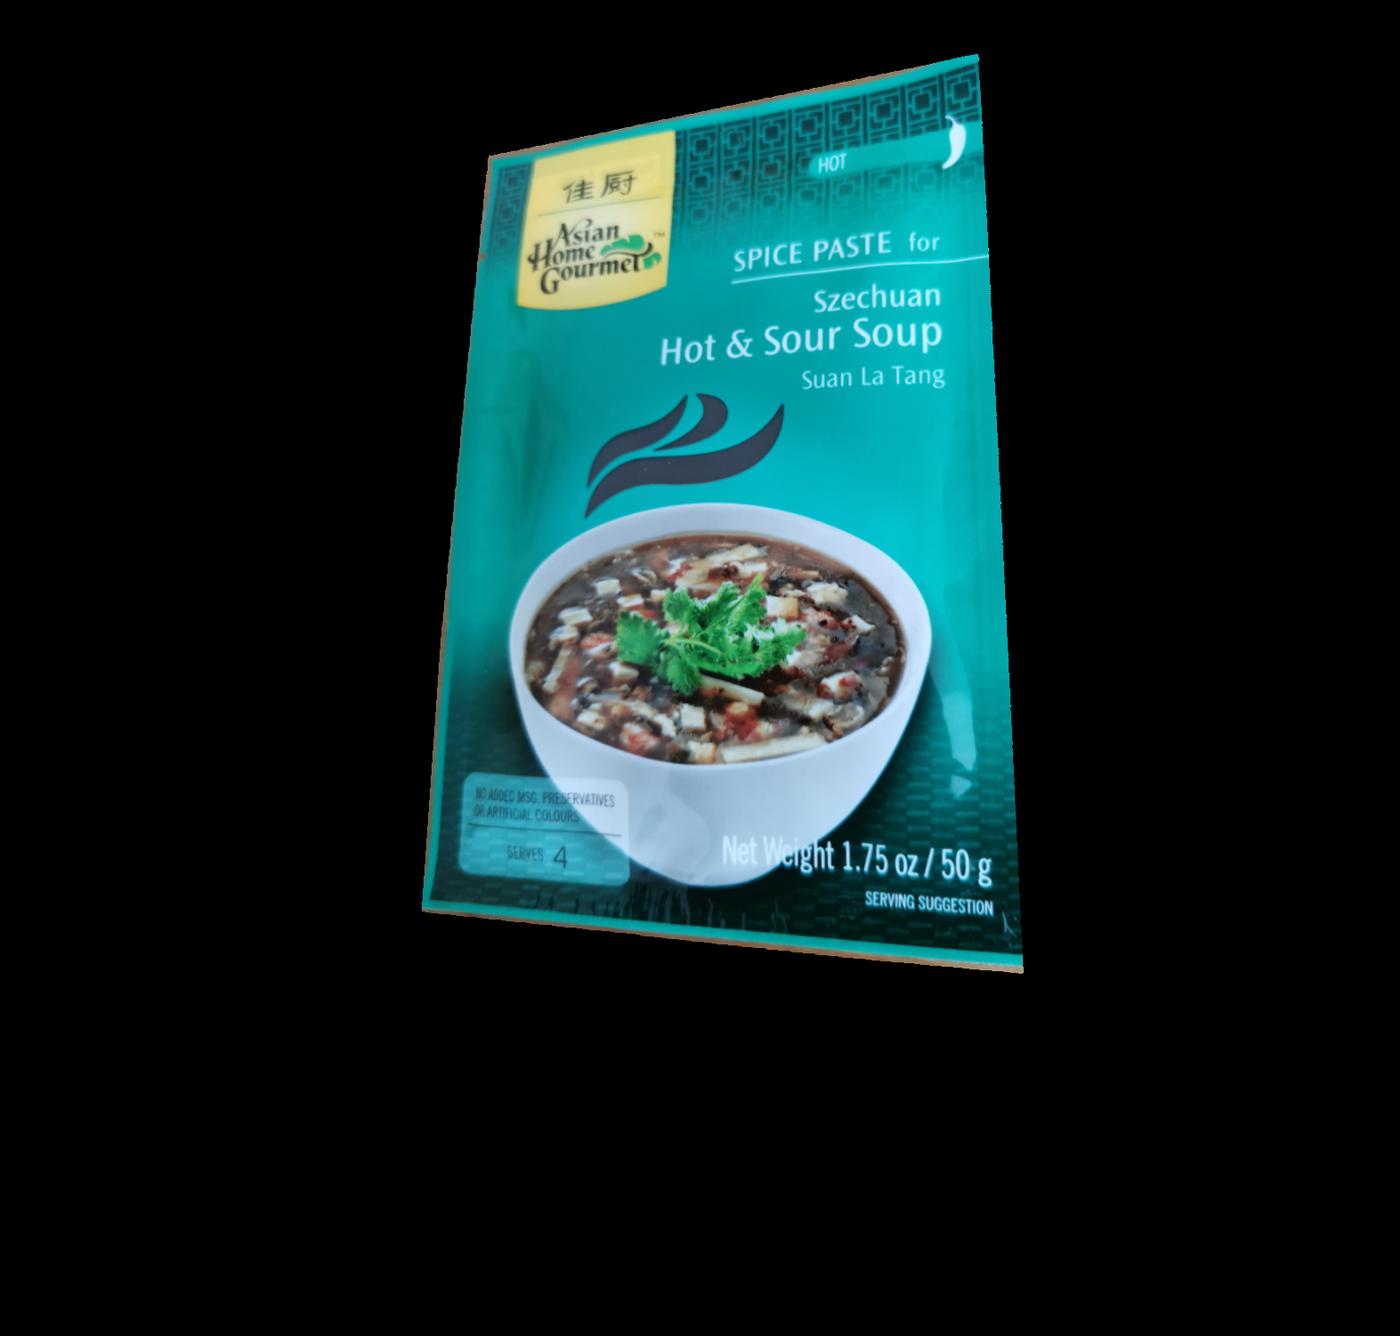 Asian Home Gourmet Szechuan Hot & Sour Soup